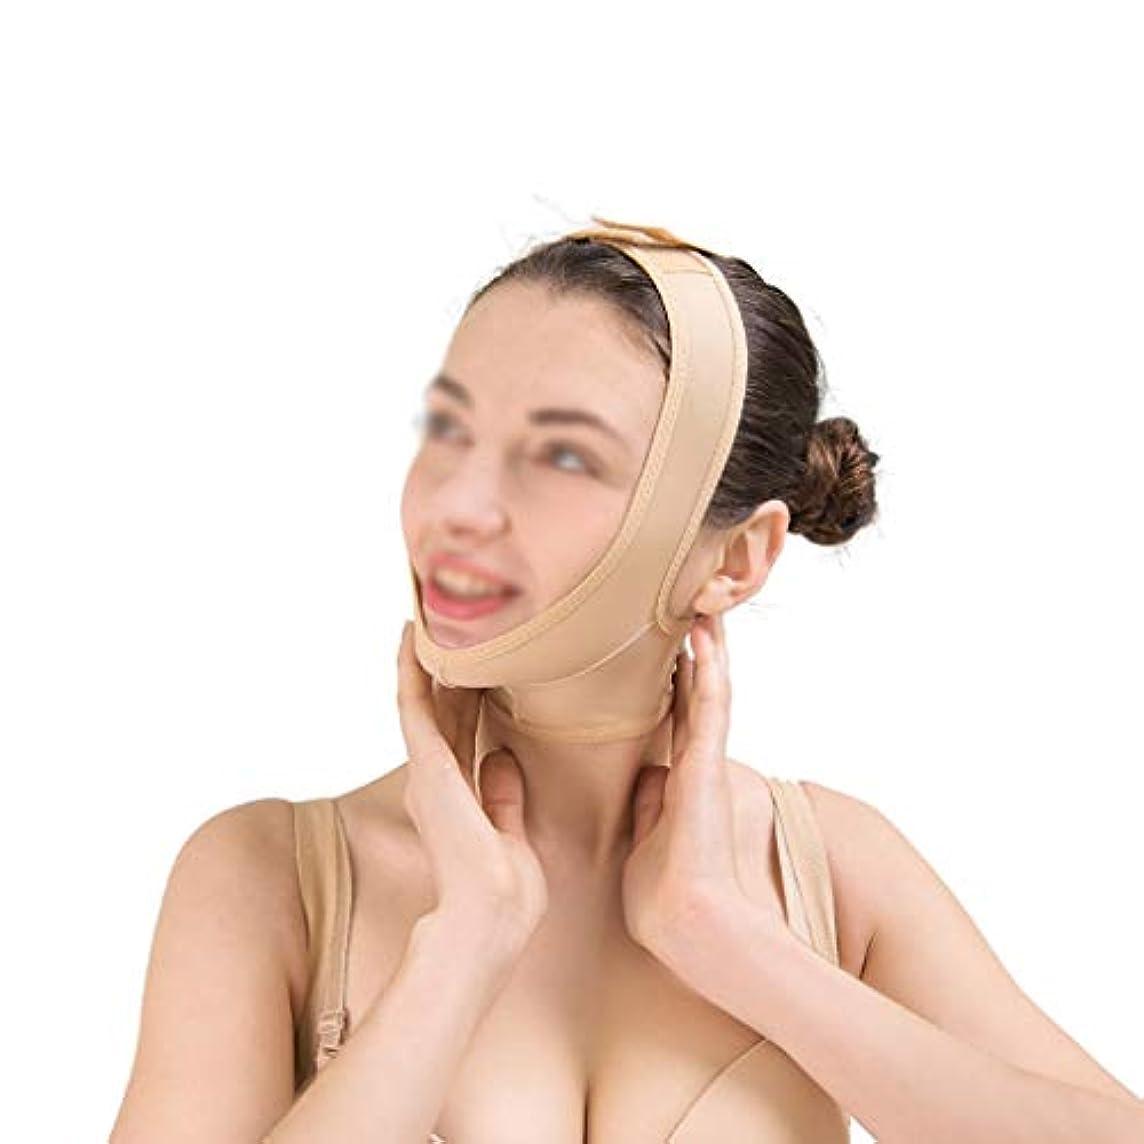 暗くするありがたいワックスLJK 二重あごのストラップ、包帯を持ち上げる、持ち上がると肌の包帯を引き締める、通気性のフェイスマスク、快適で通気性のある顔の持ち上がるマスク (Size : S)